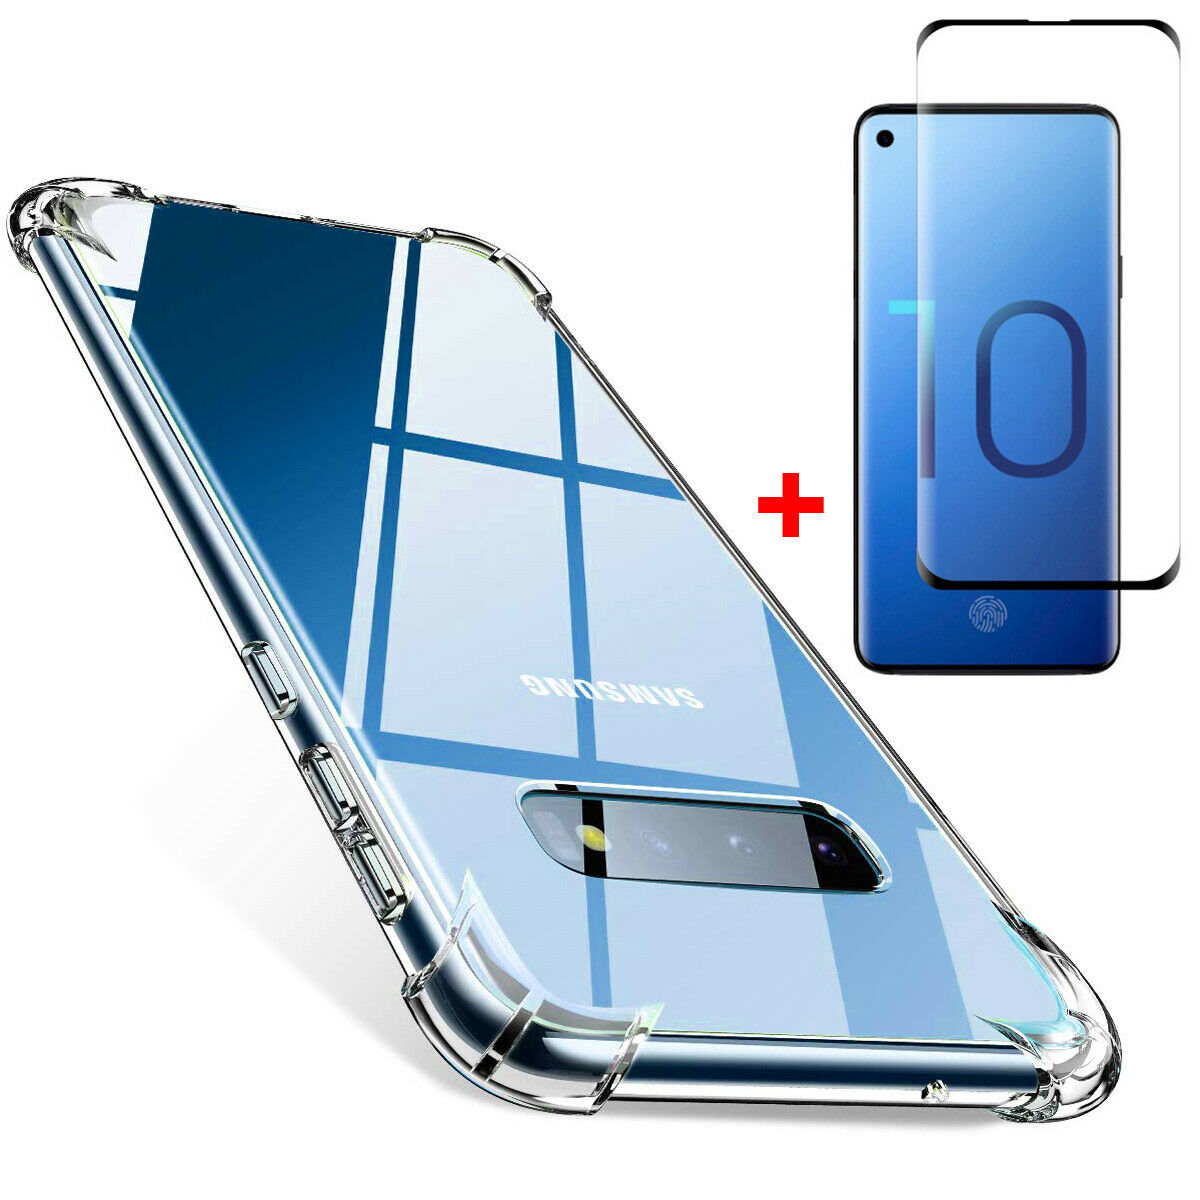 Coque Silicone pour Samsung S10 Plus Transparent avec Quatre Coins Renforces + Verre Trempee Little Boutik®